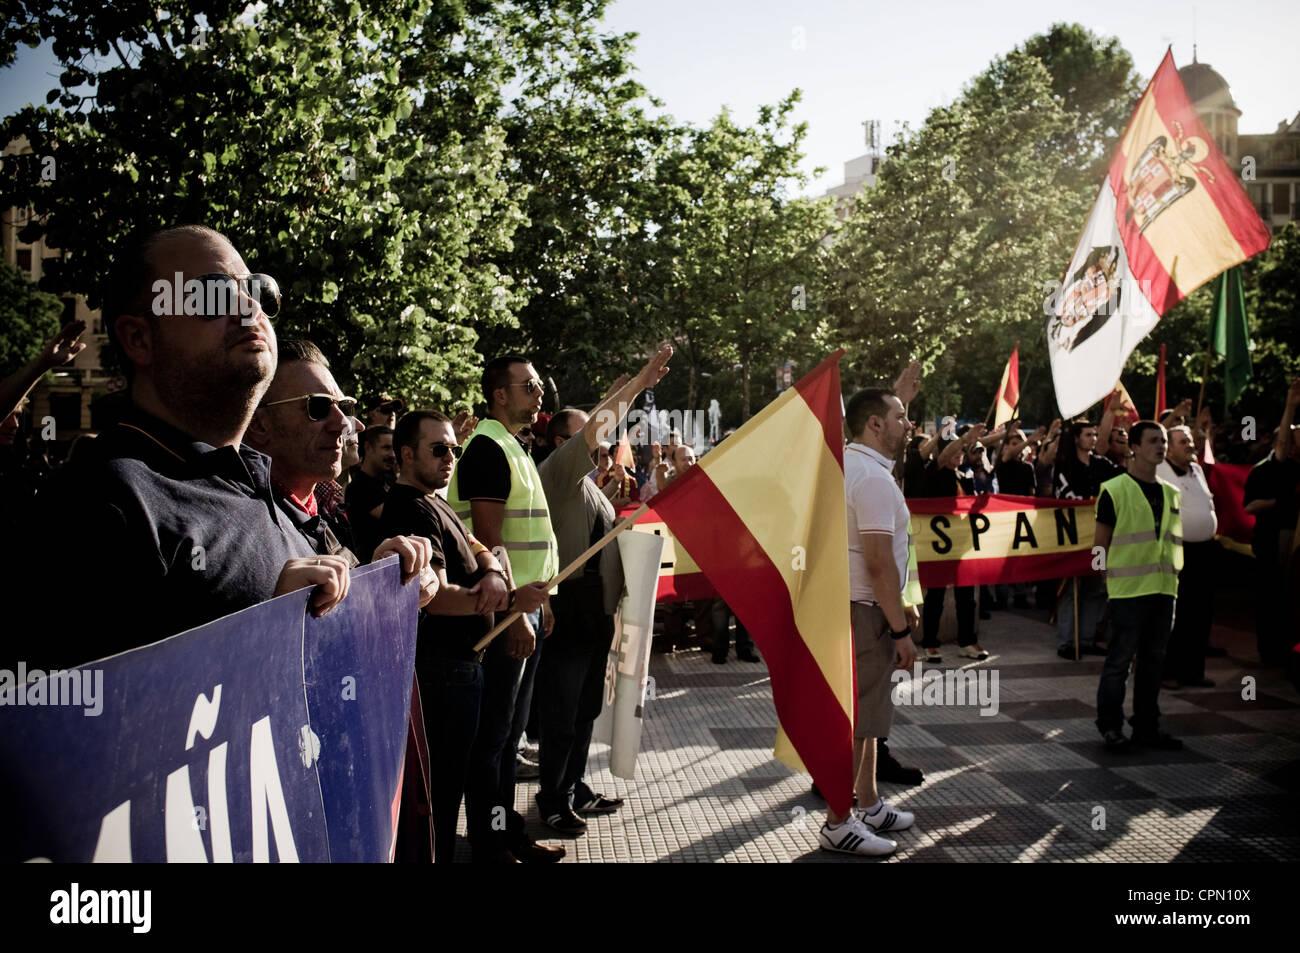 Demostración de extrema derecha en Madrid, España, organizado por la falange y el Nudo Patriota Español, el Movimiento Foto de stock